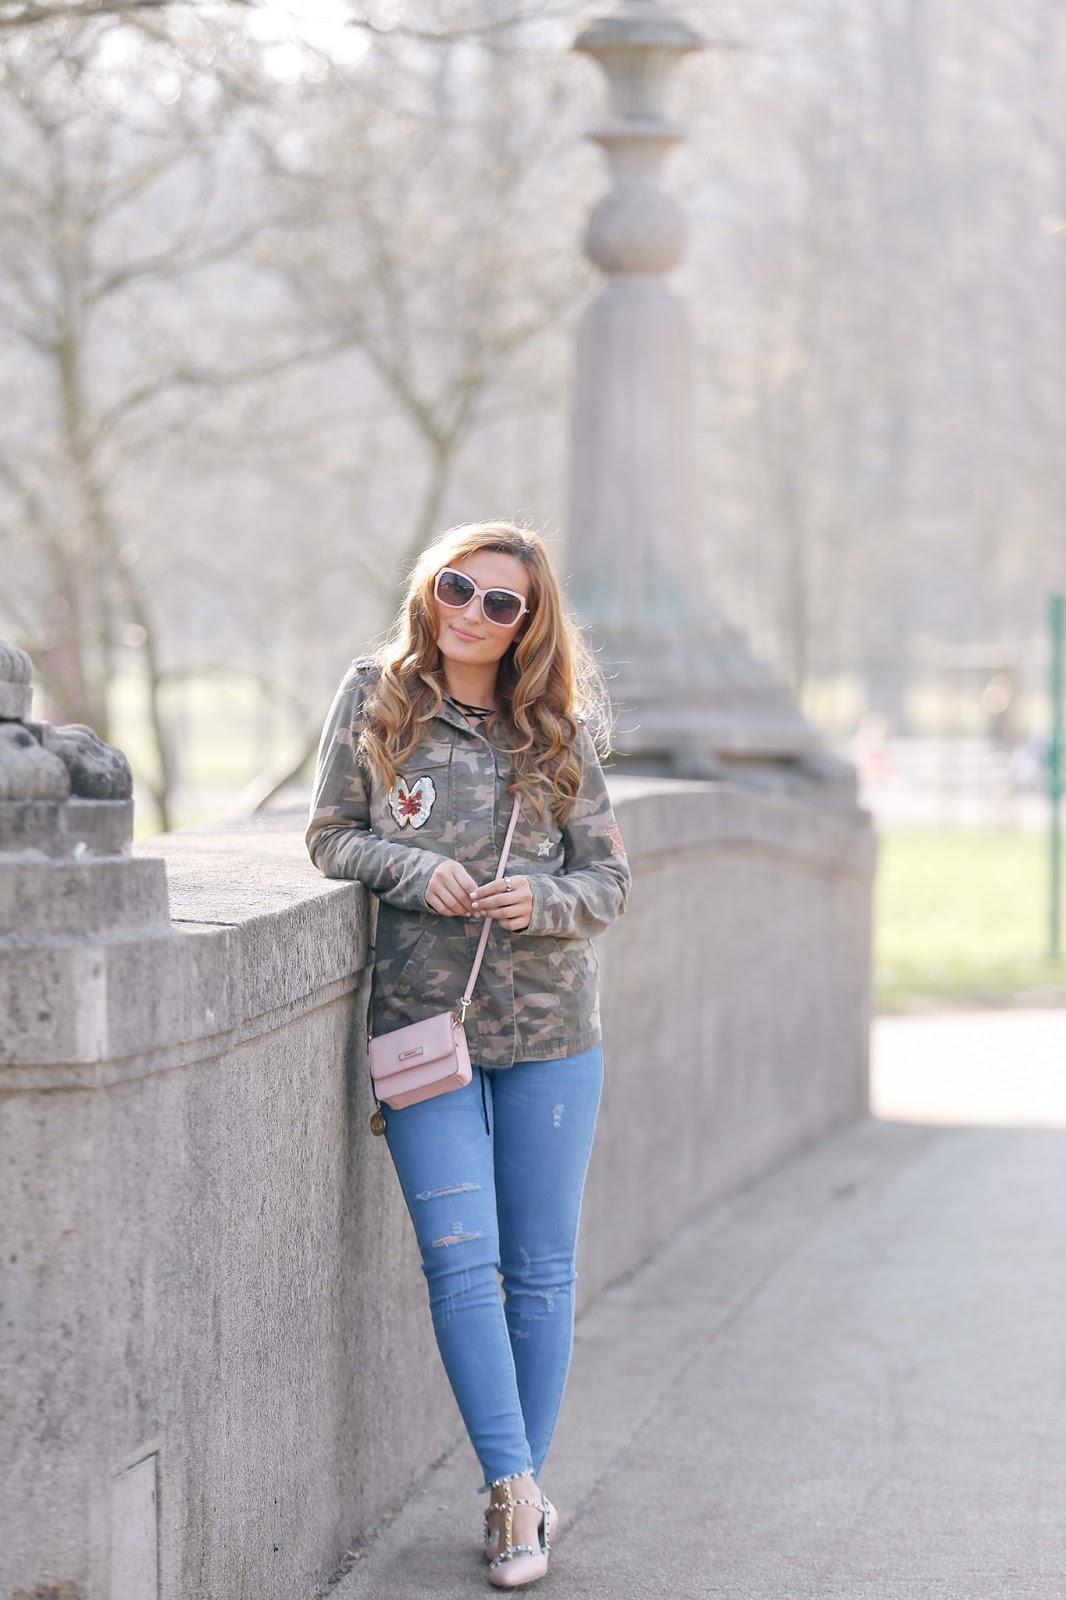 fashionblog-muenchen-munich-blogger-fashionblogger-bloggerdeutschland-lifestyleblog-modeblog-muenchen-germanblogger-styleblog-r-chic